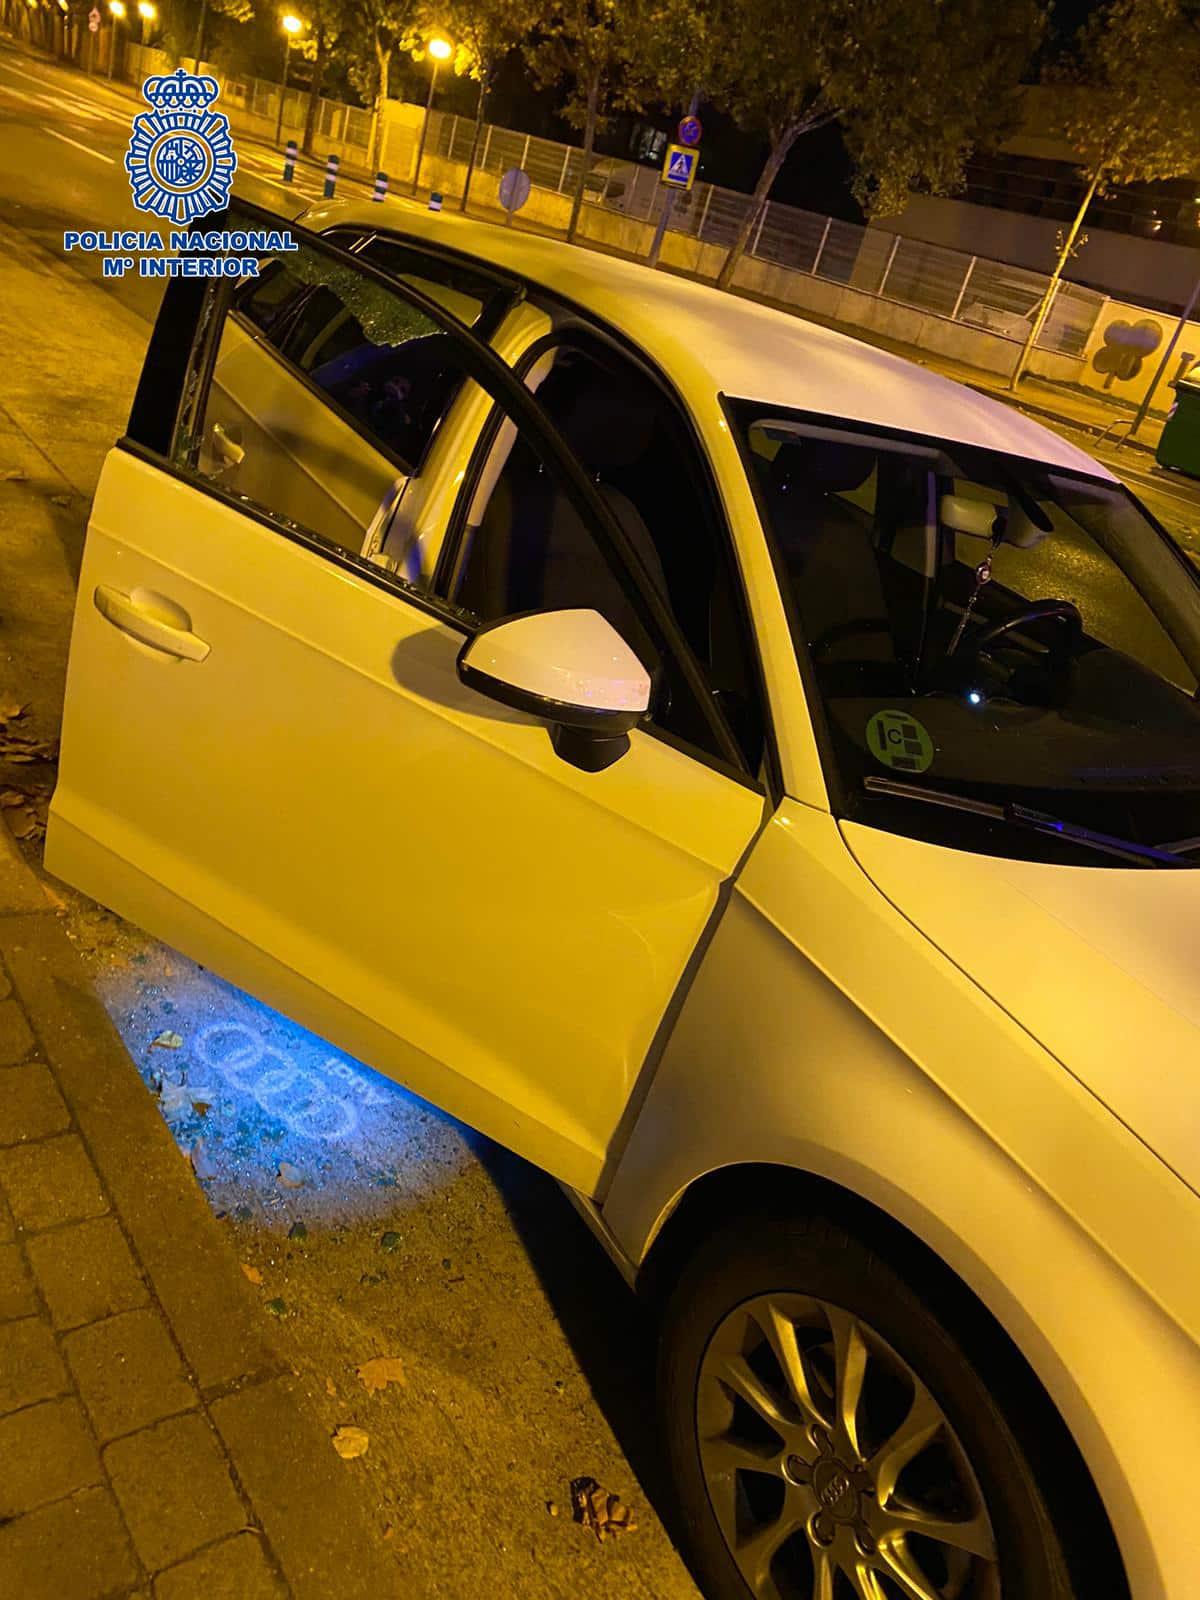 Detienen en Logroño a un hombre por un delito de robo con fuerza y por dañar cinco vehículos en un parking 1